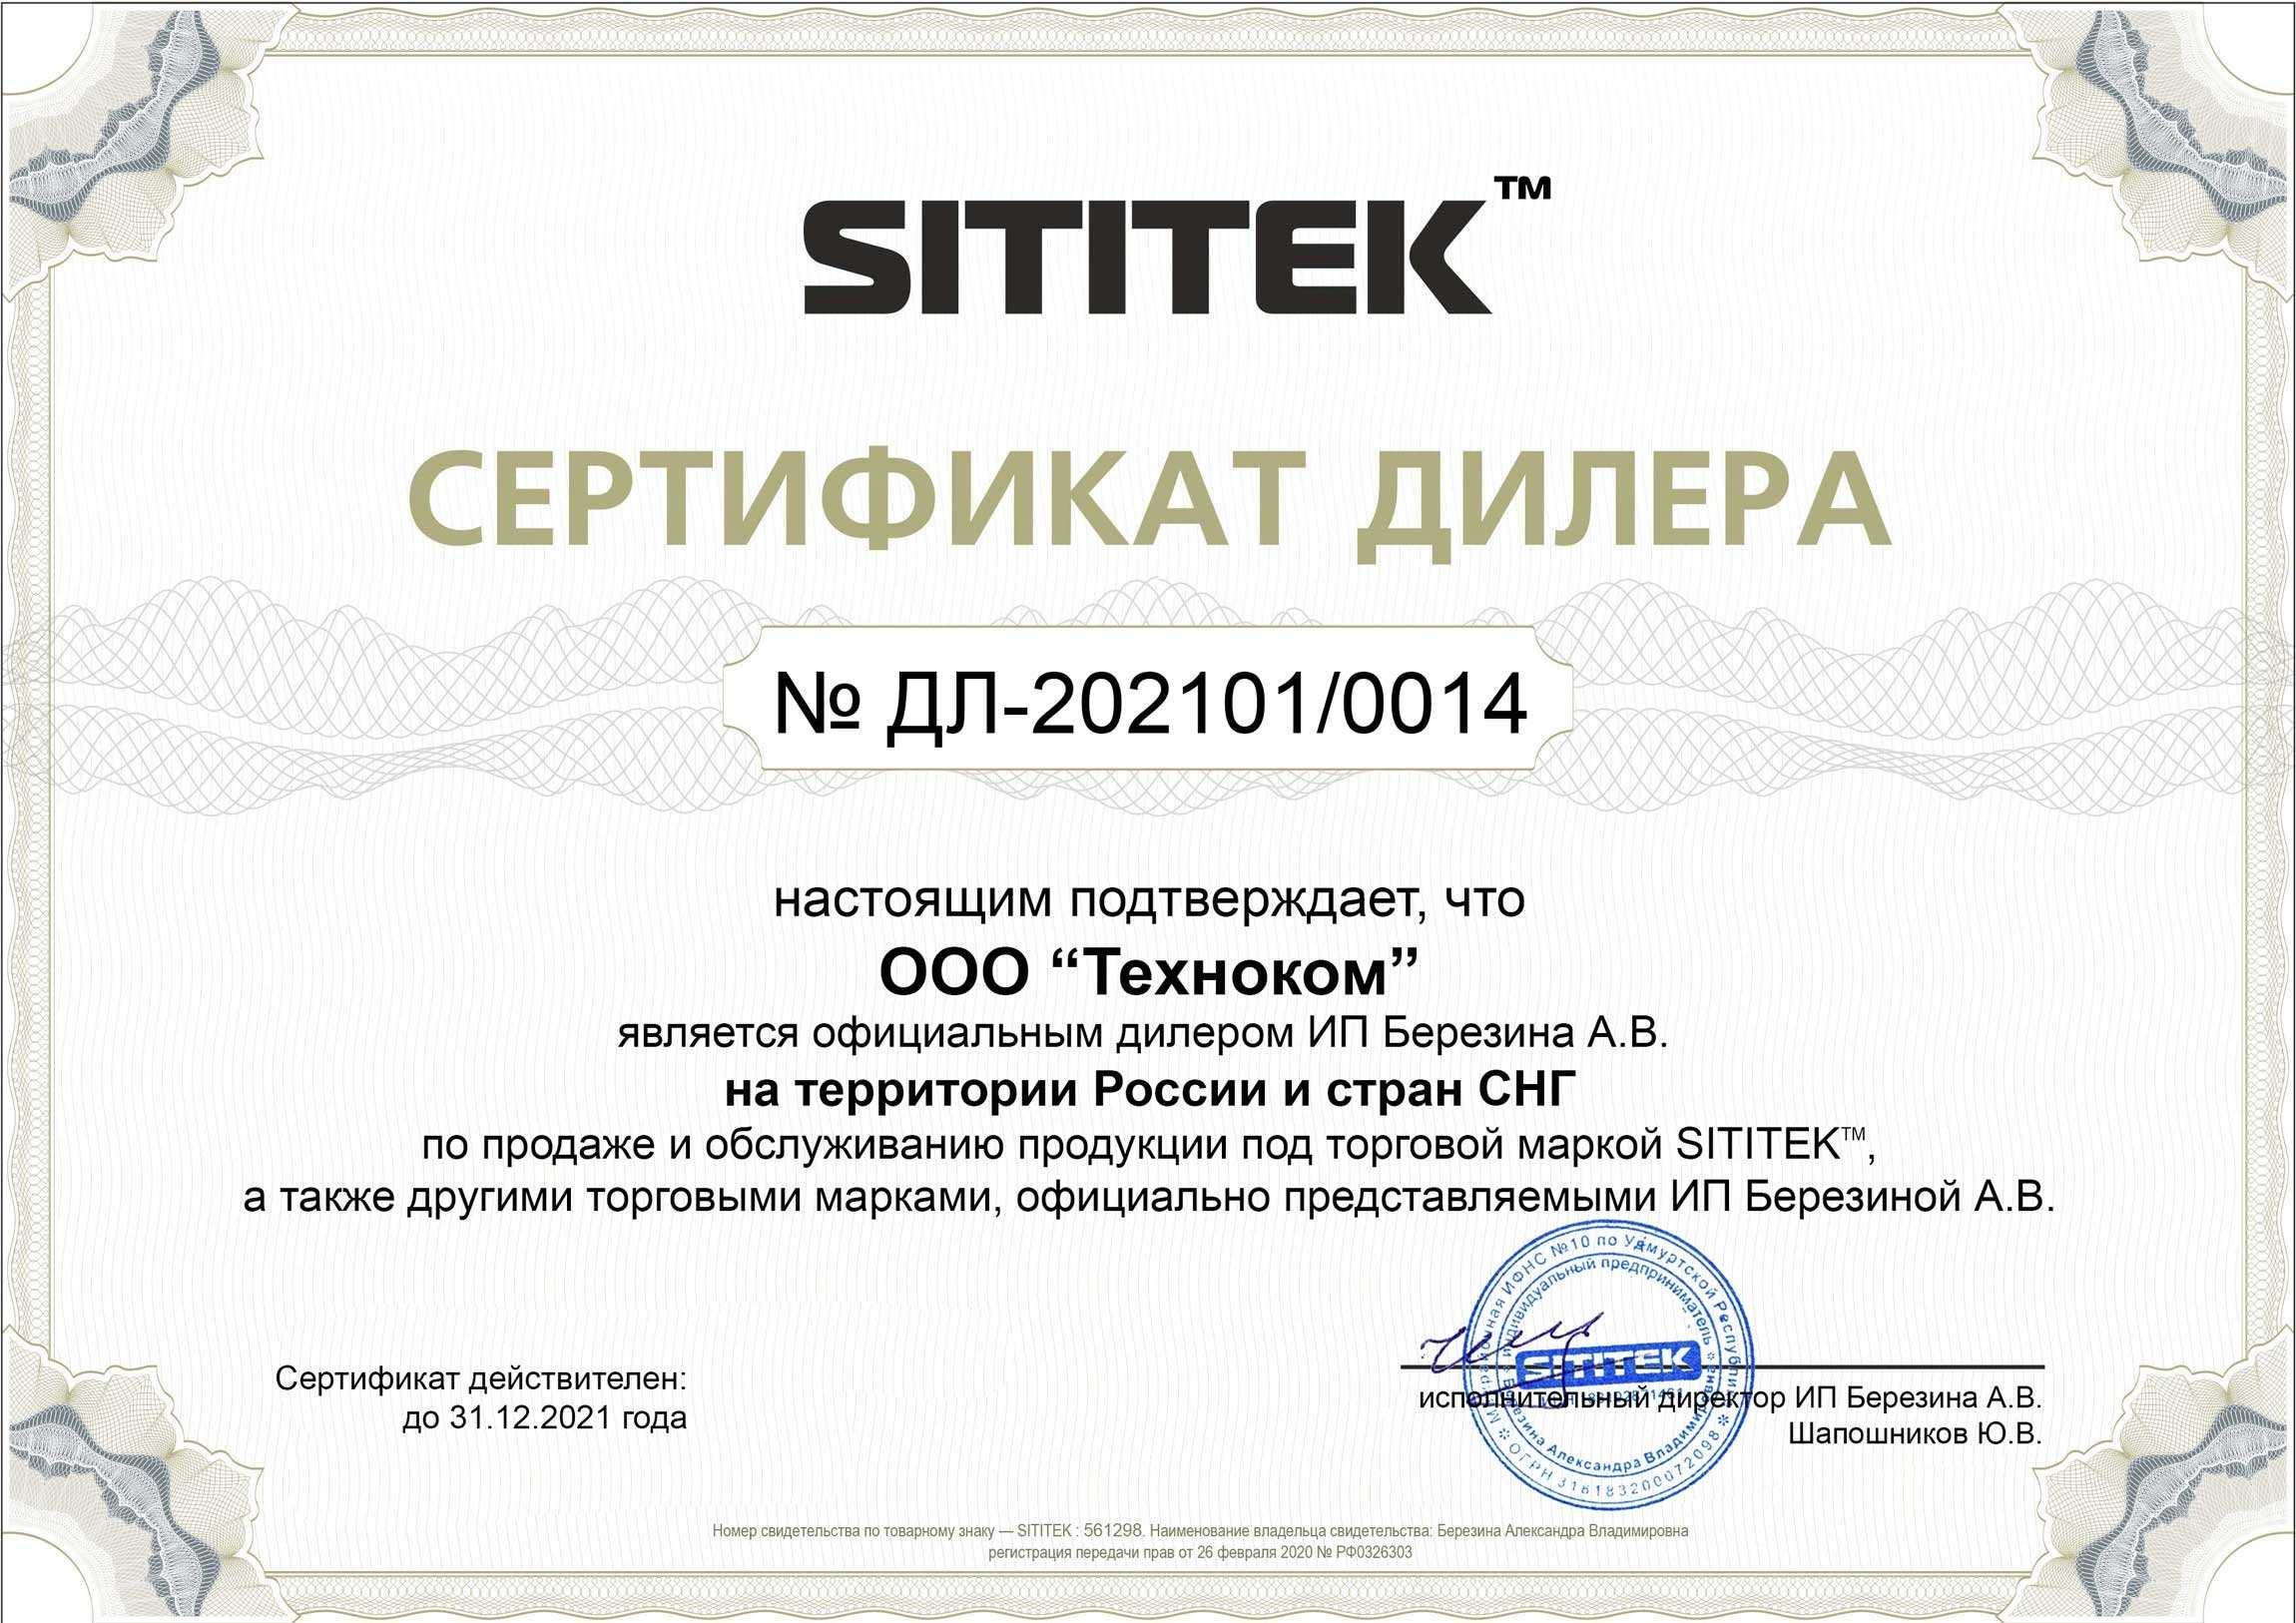 Сертификат официального дилера на продукцию SITITEK